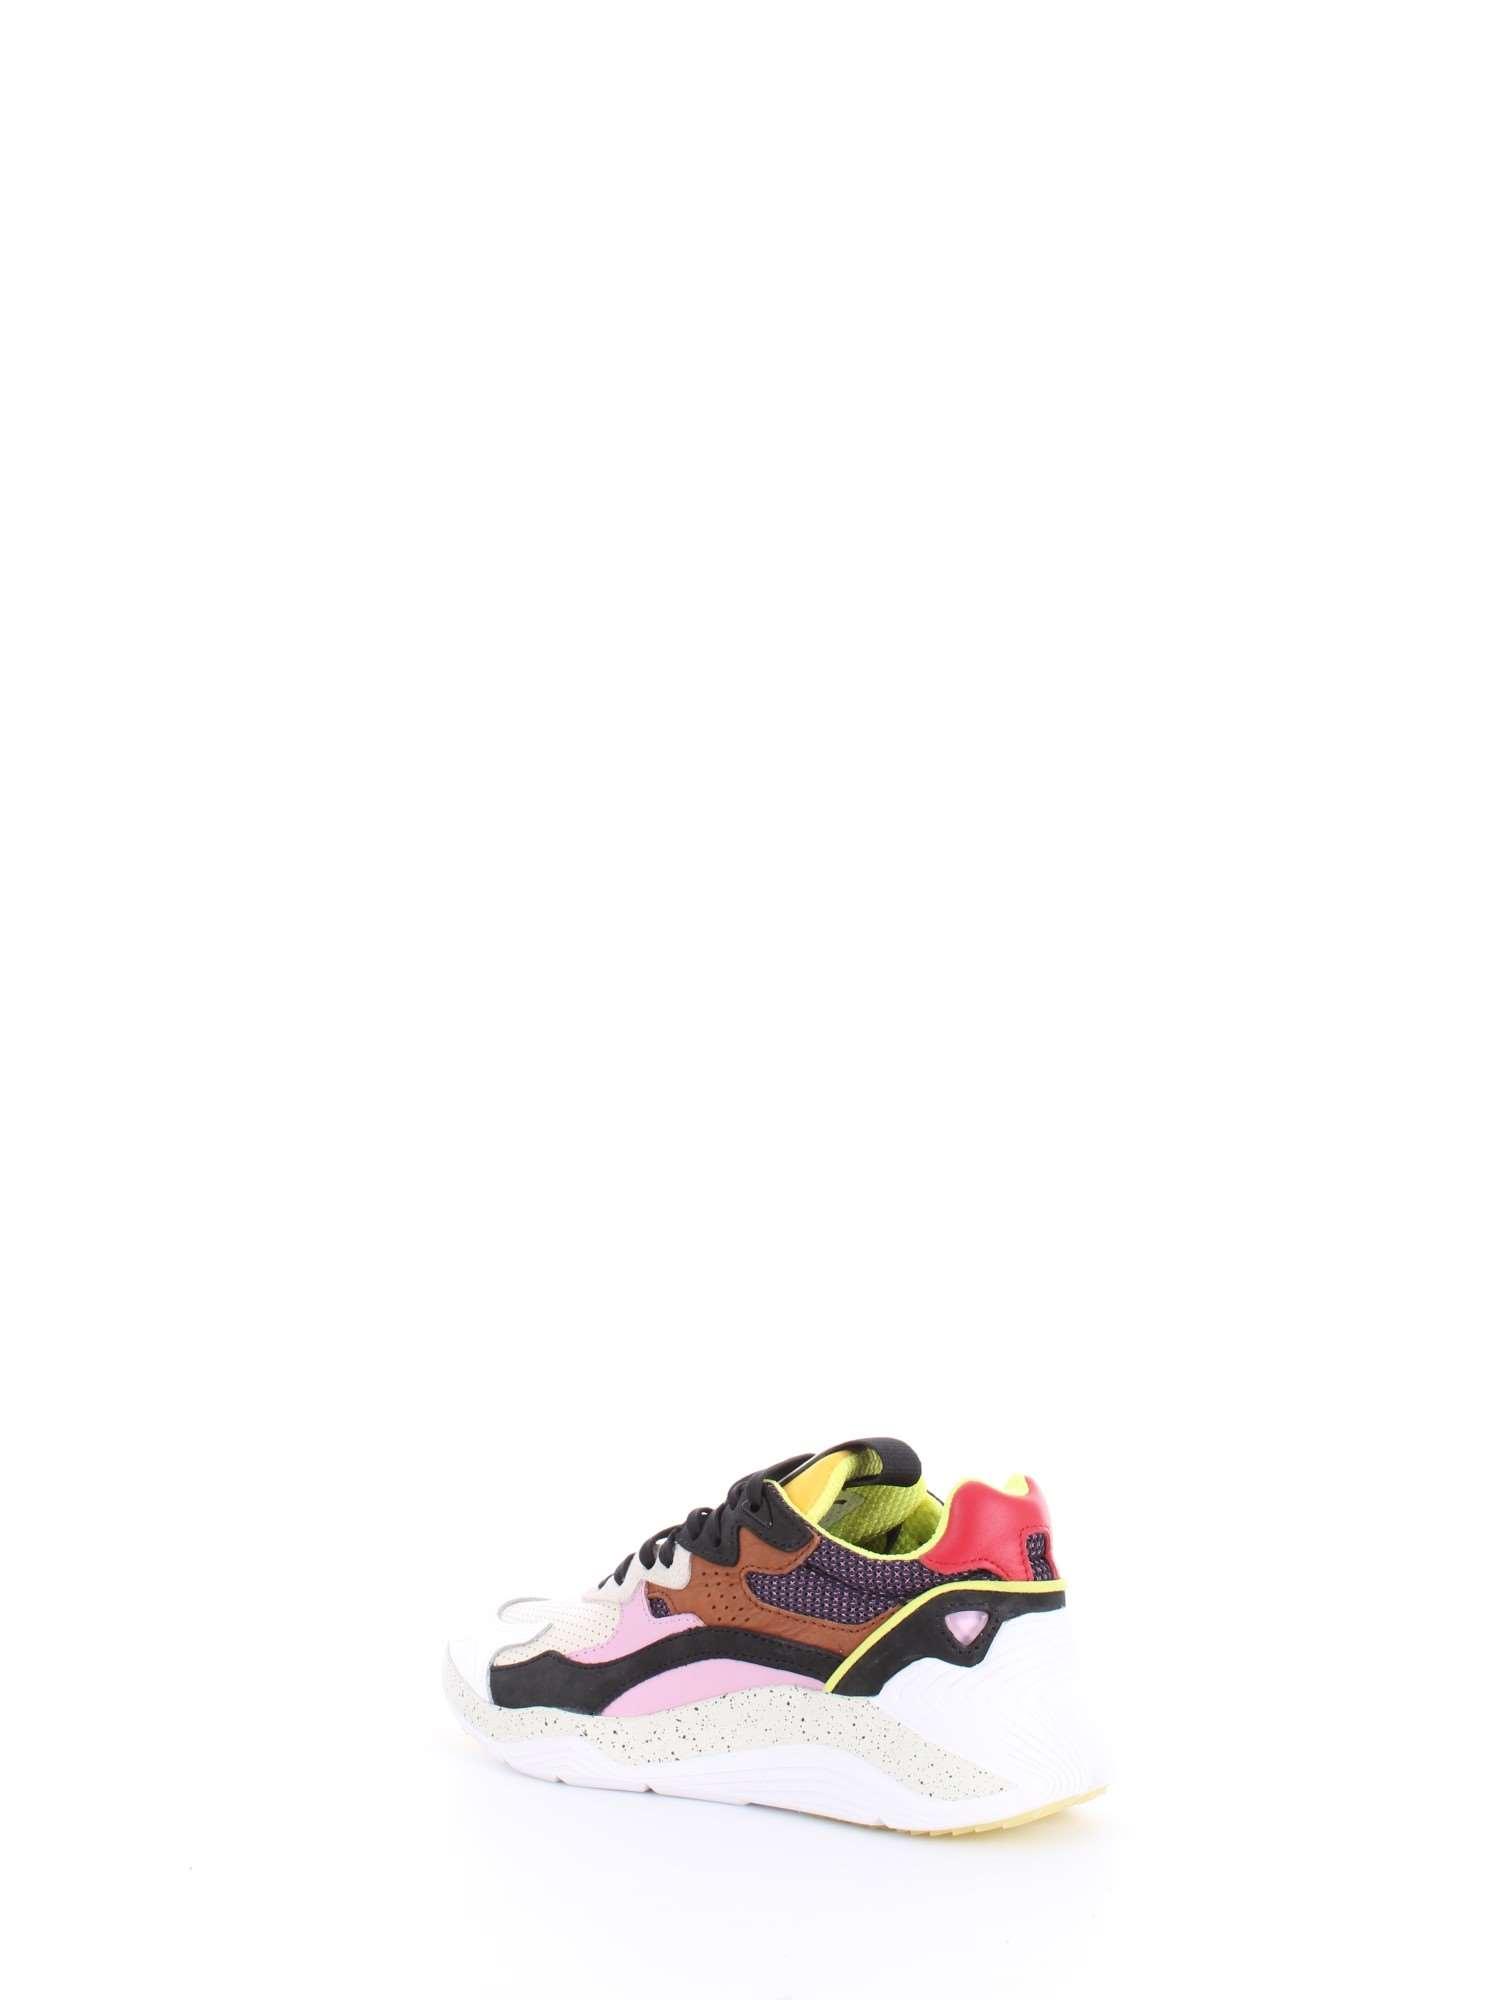 5064 Donna Sneakers Mcqueen 544992 R2563 Multicolor Alexander Mcq wXHpq4O